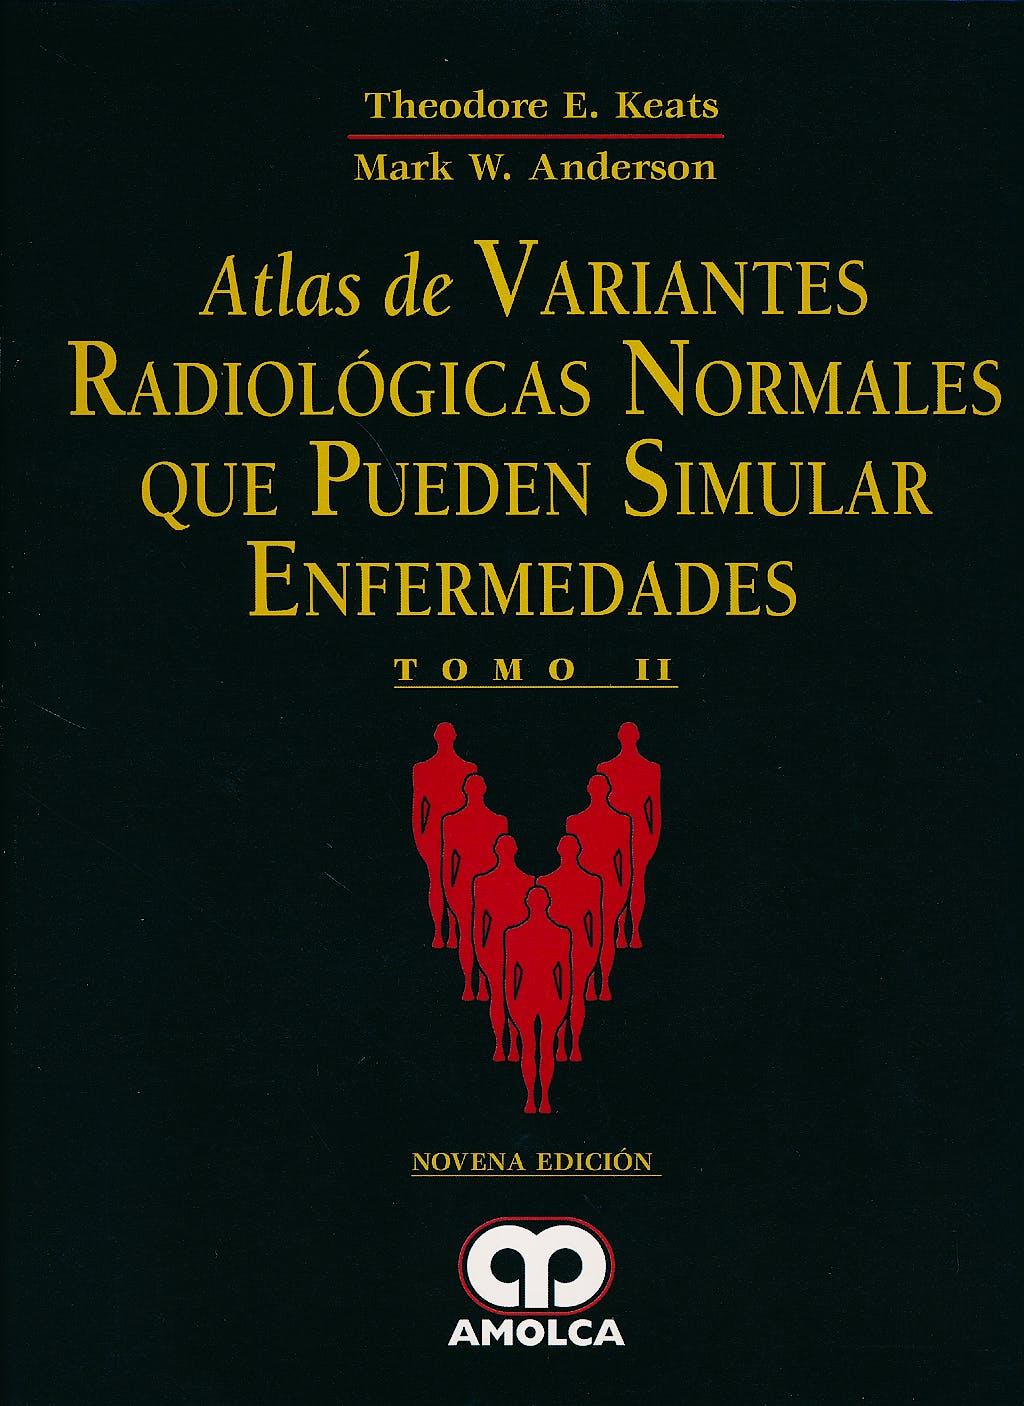 Portada del libro 9789588816296 Atlas de Variantes Radiológicas Normales que Pueden Simular Enfermedades, 2 Vols.